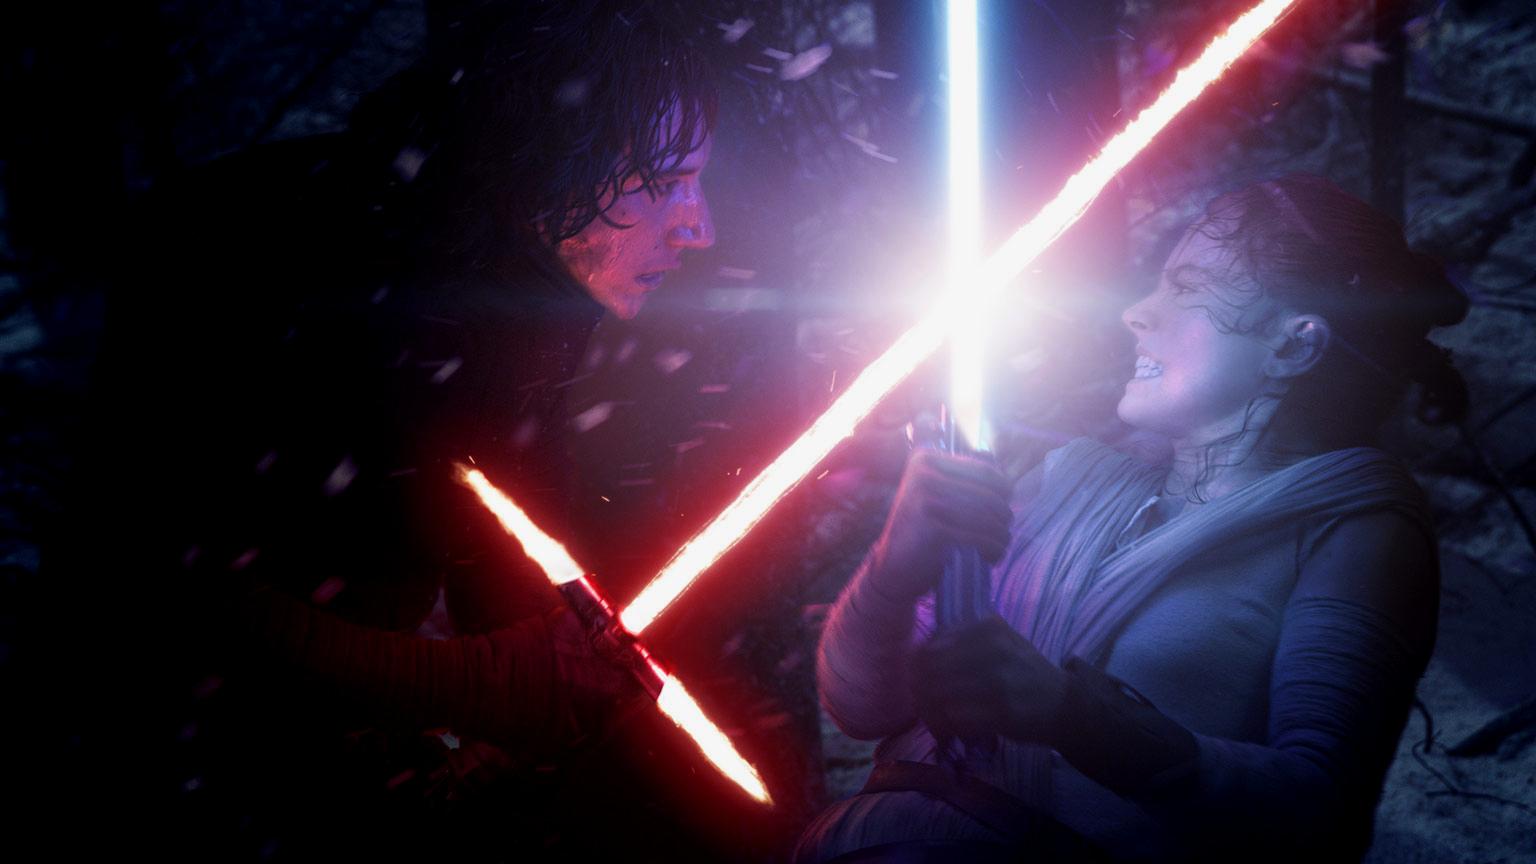 Rey Kylo Ren Star Wars Battlefront 2 Rey Vs Kylo Ren 1536x864 Wallpaper Teahub Io